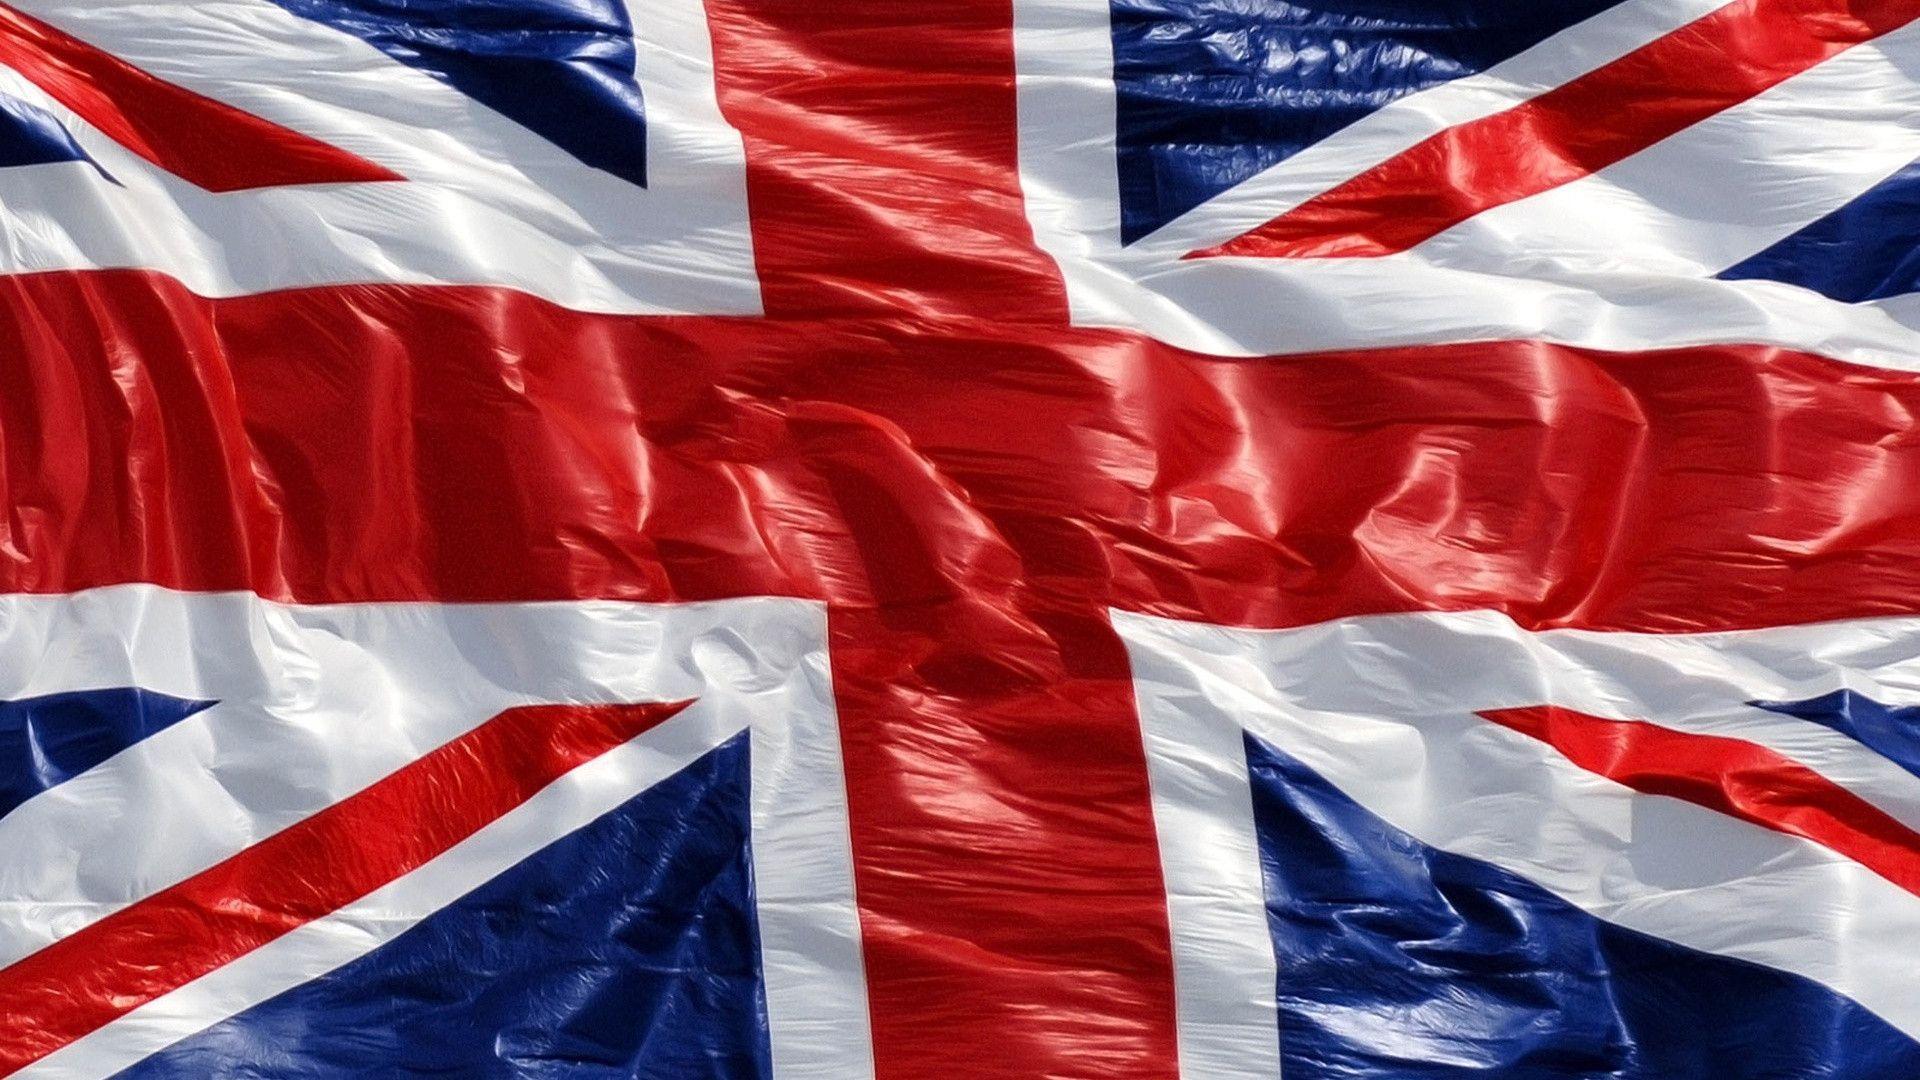 Union Jack Backgrounds